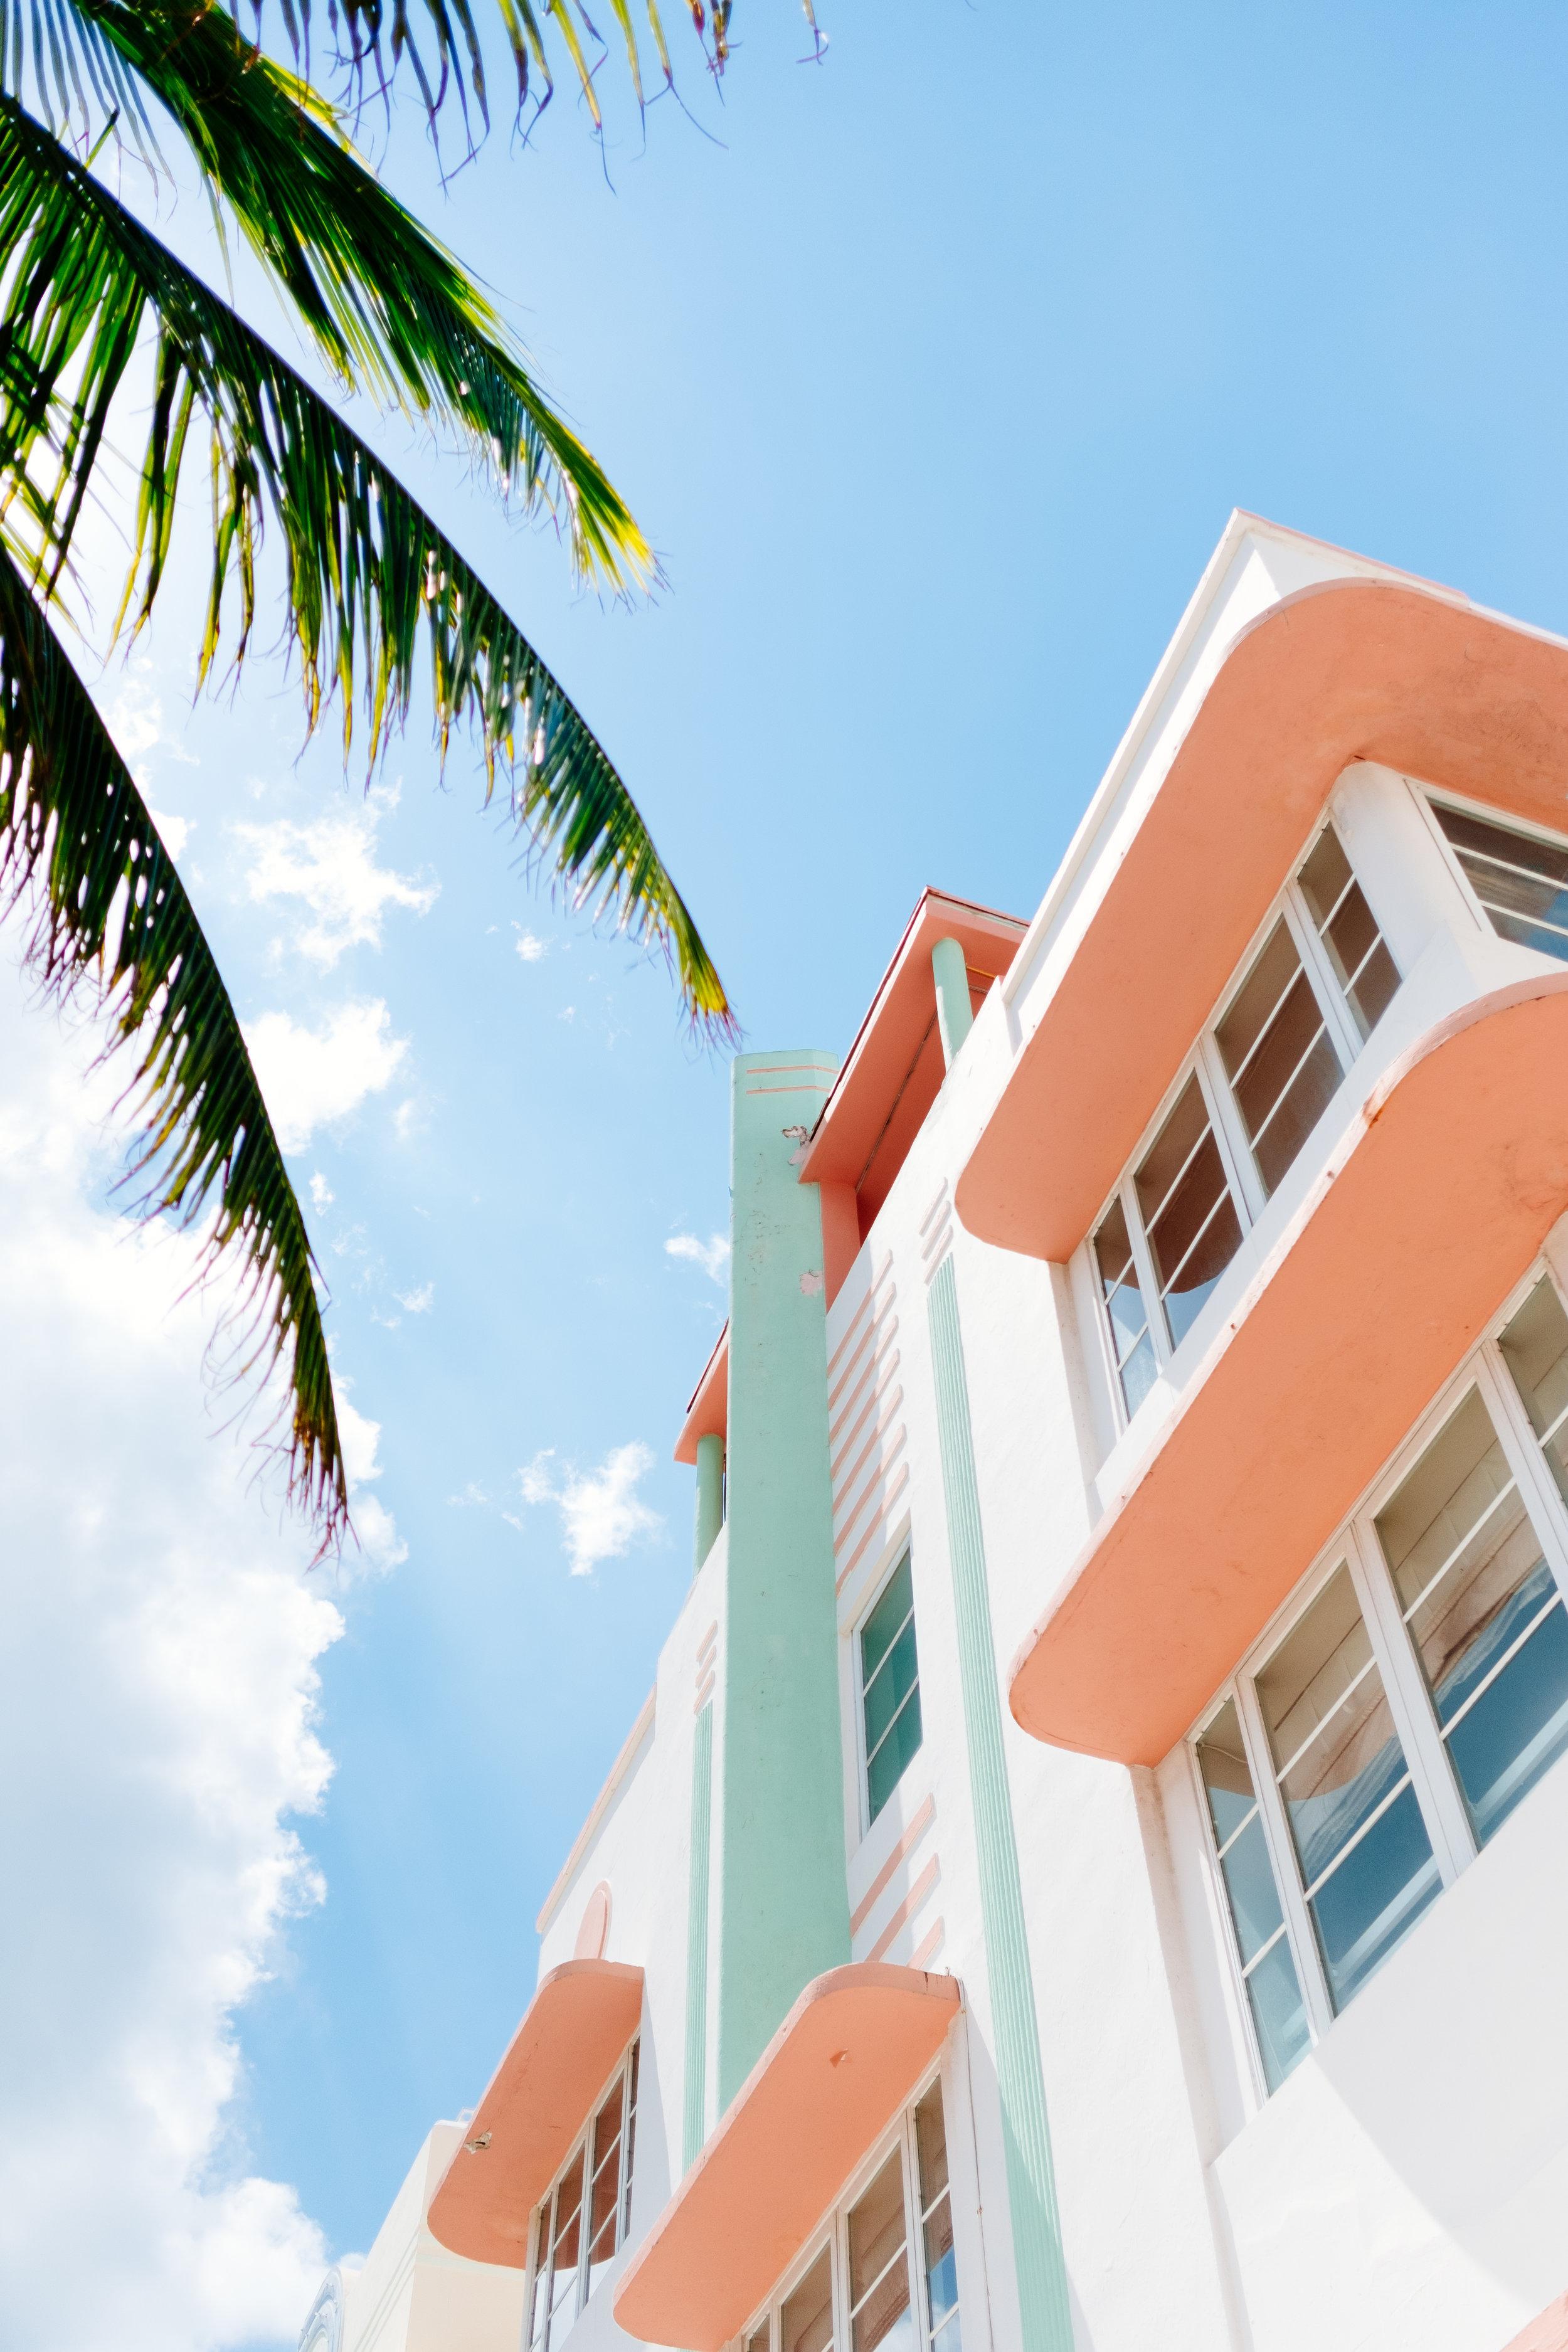 Distrito Art Deco - Explora el famoso distrito Art Deco. Este es famoso por su distintiva arquitectura que dio a conocer a Miami internacionalmente. Sus edificios históricos nos cuentan un poco del desarrollo de la ciudad. Puedes hacer este recorrido por tu cuenta al descargar el mapa que la ciudad ha creado para que conozcas su historia